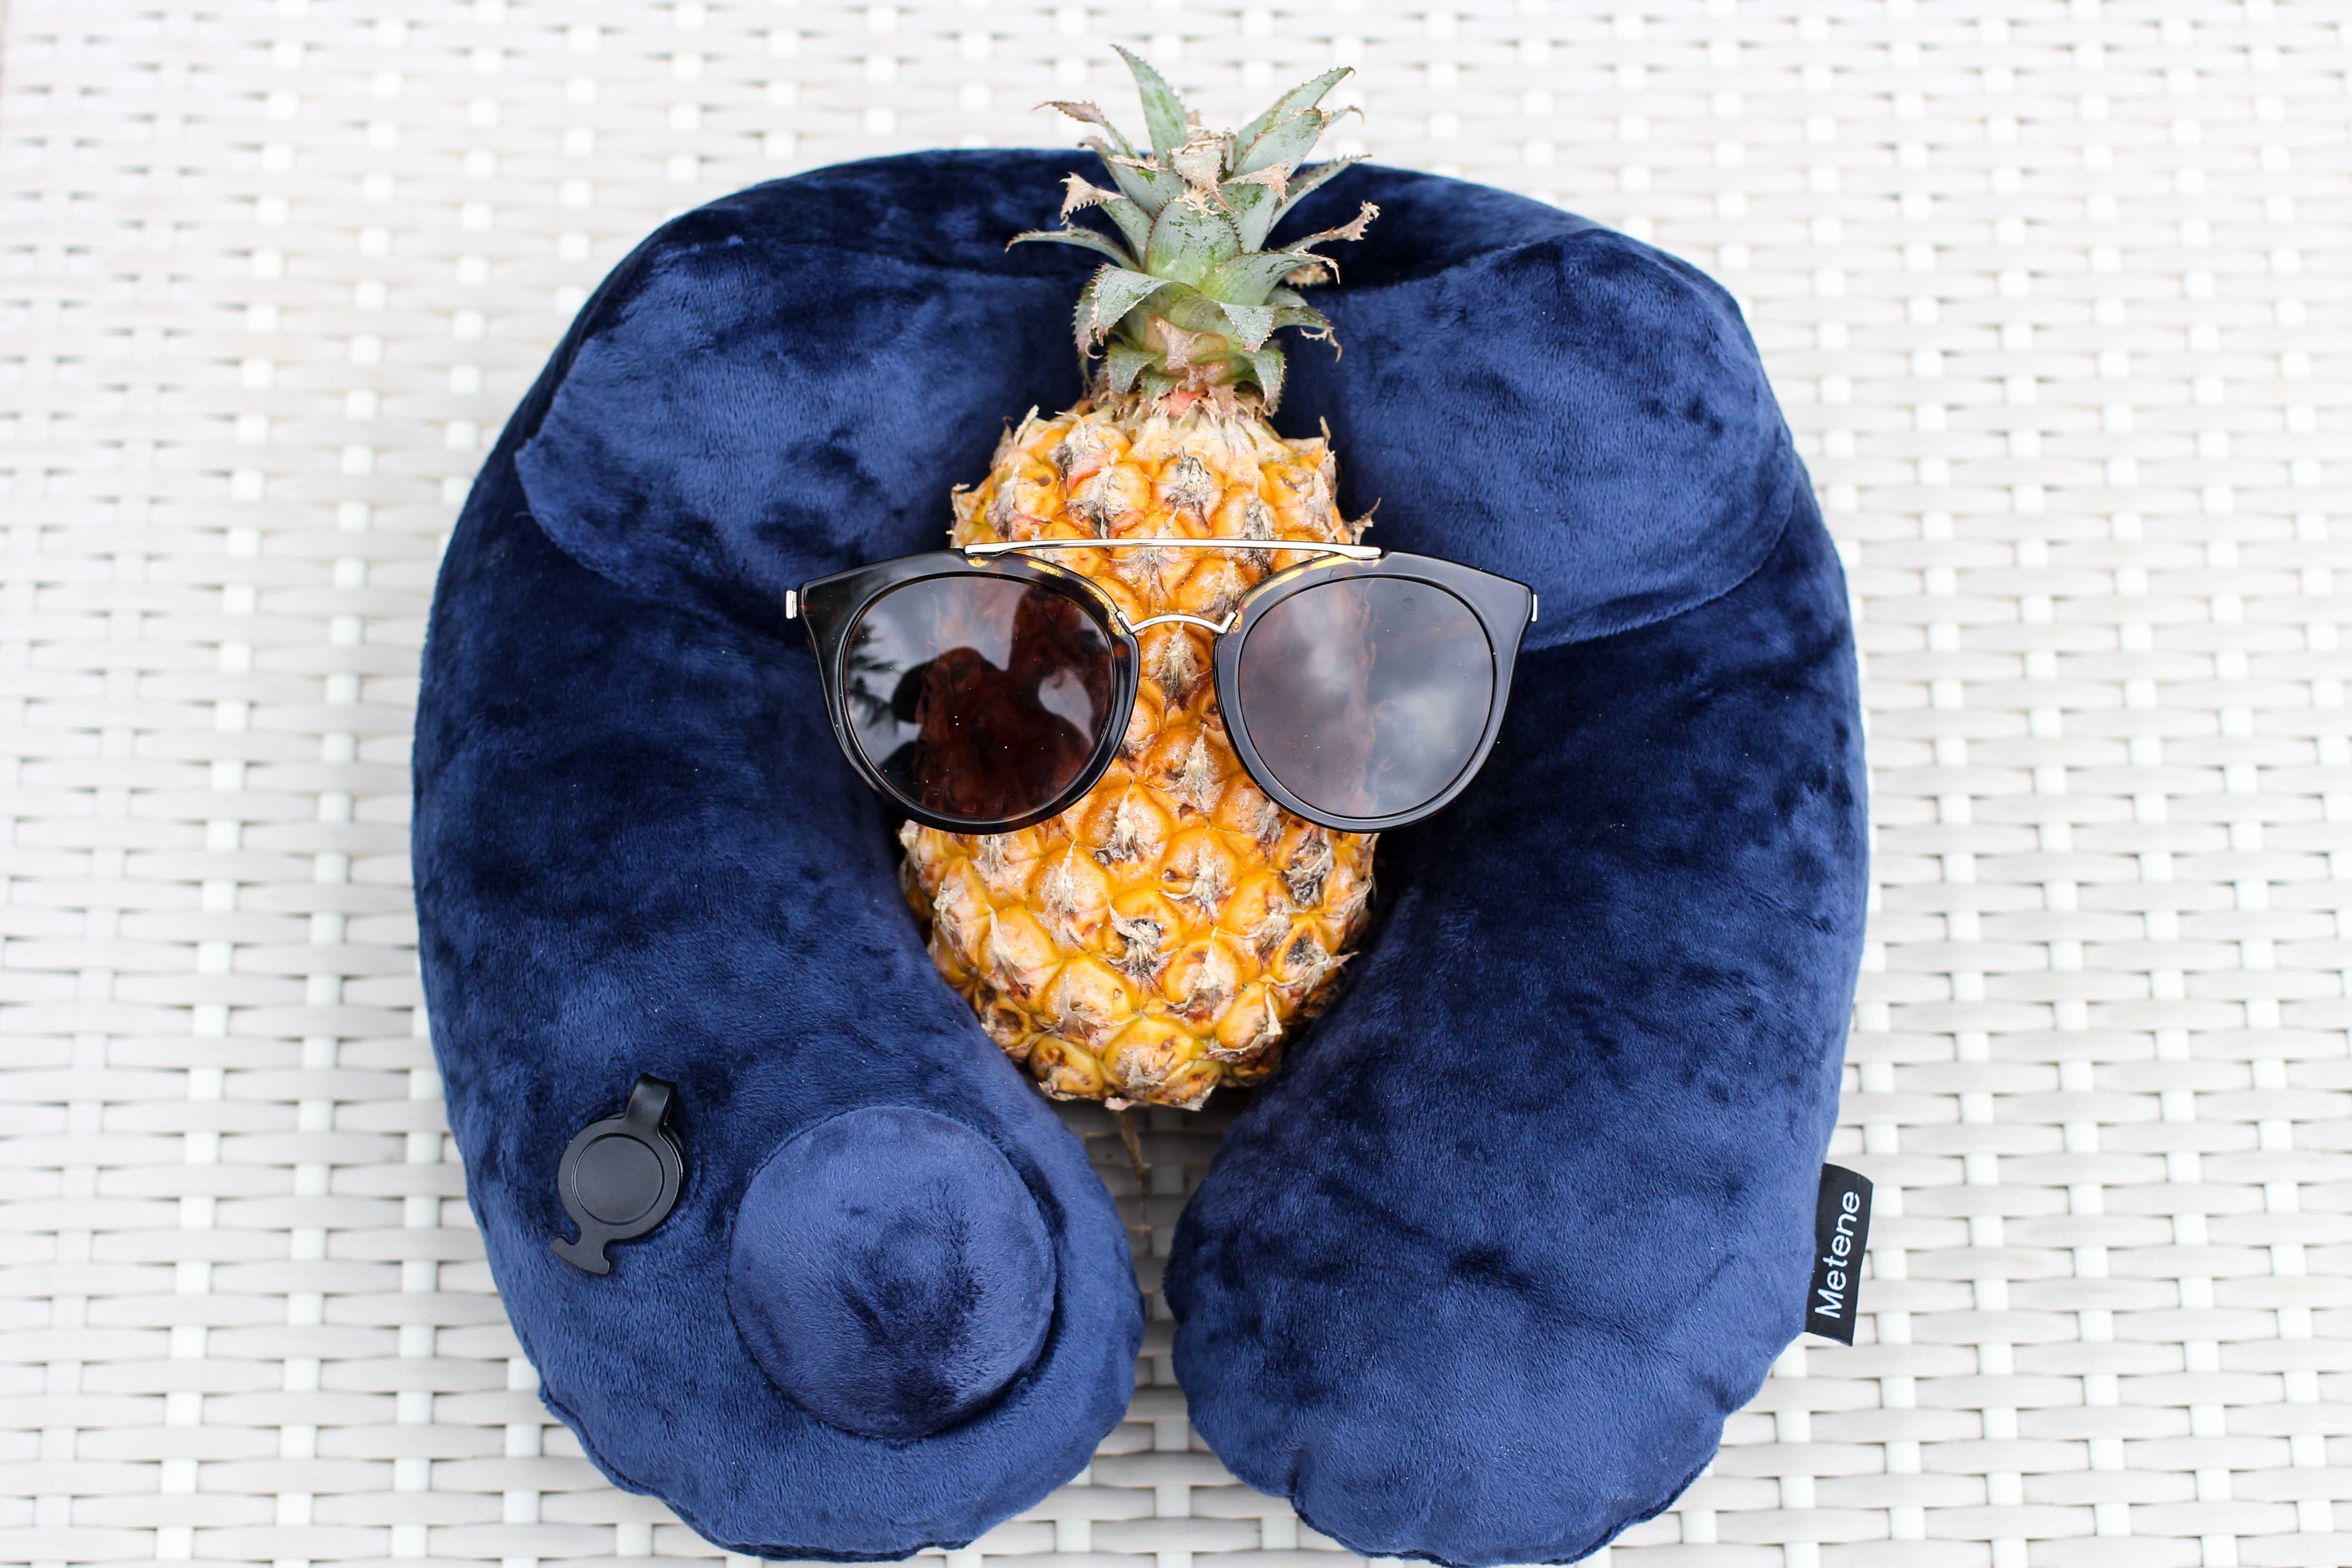 aufblasbare Nackenrolle Nackenkissen Tipps fürs Handgepäck bei Flugreisen Reiseblog BrinisFashionBook